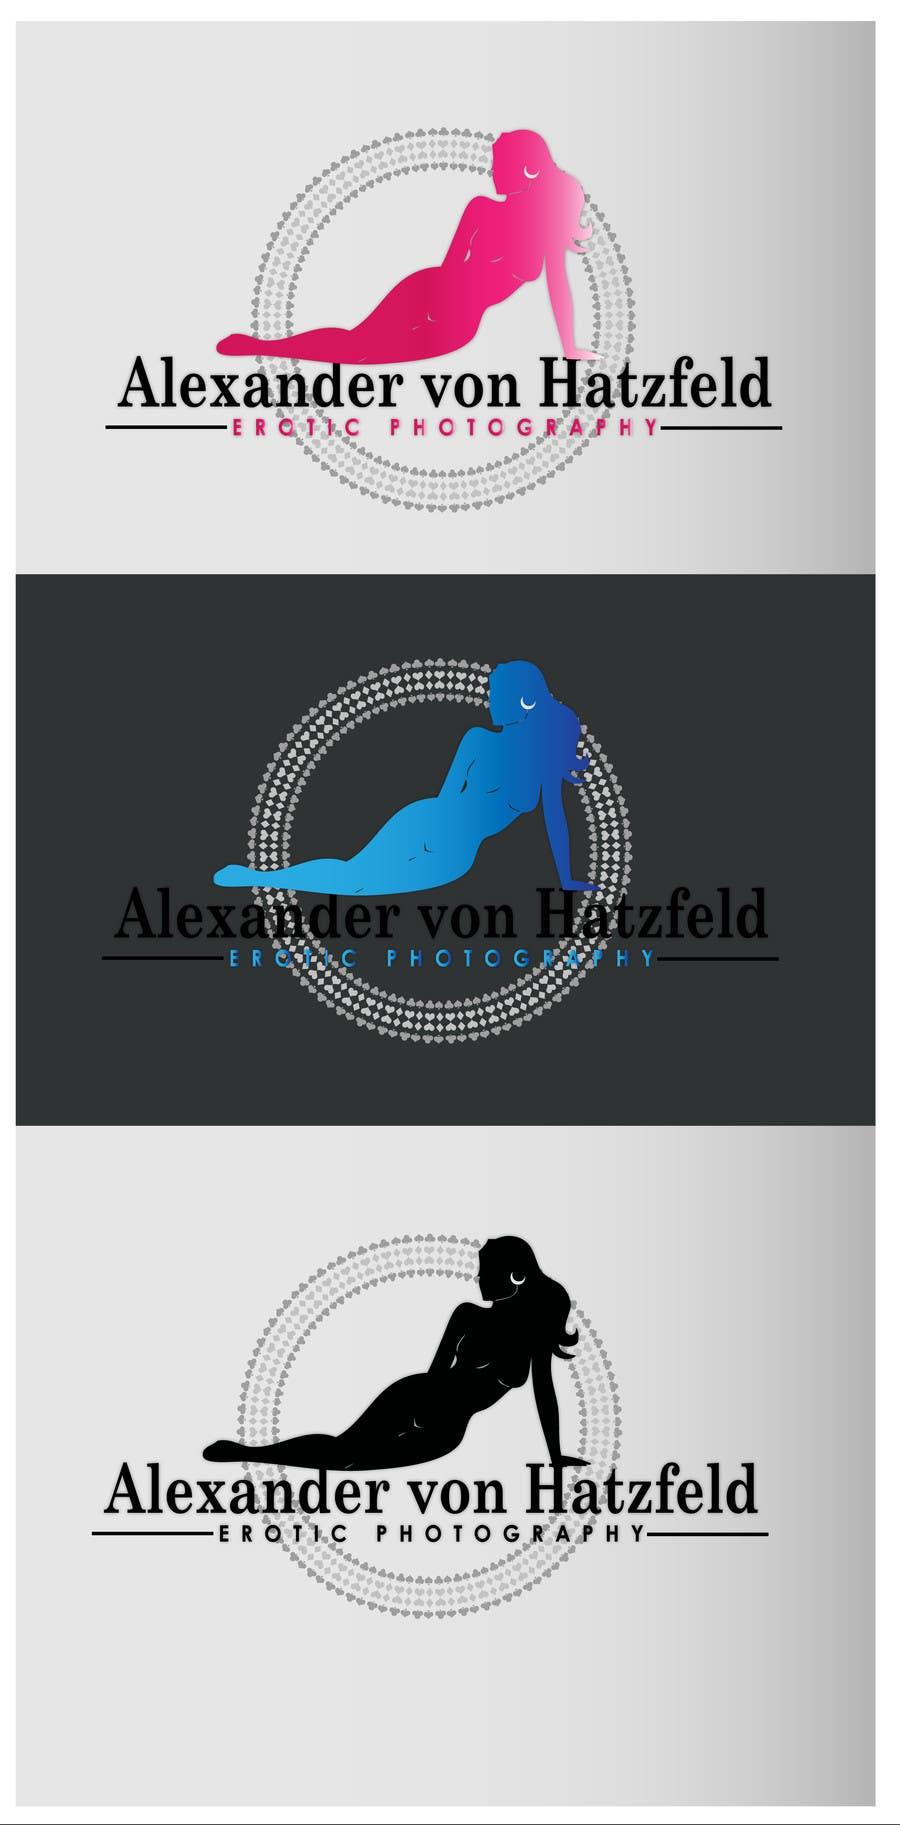 Inscrição nº 18 do Concurso para Design a logo for Alexander von Hatzfeld - Erotic Photographer